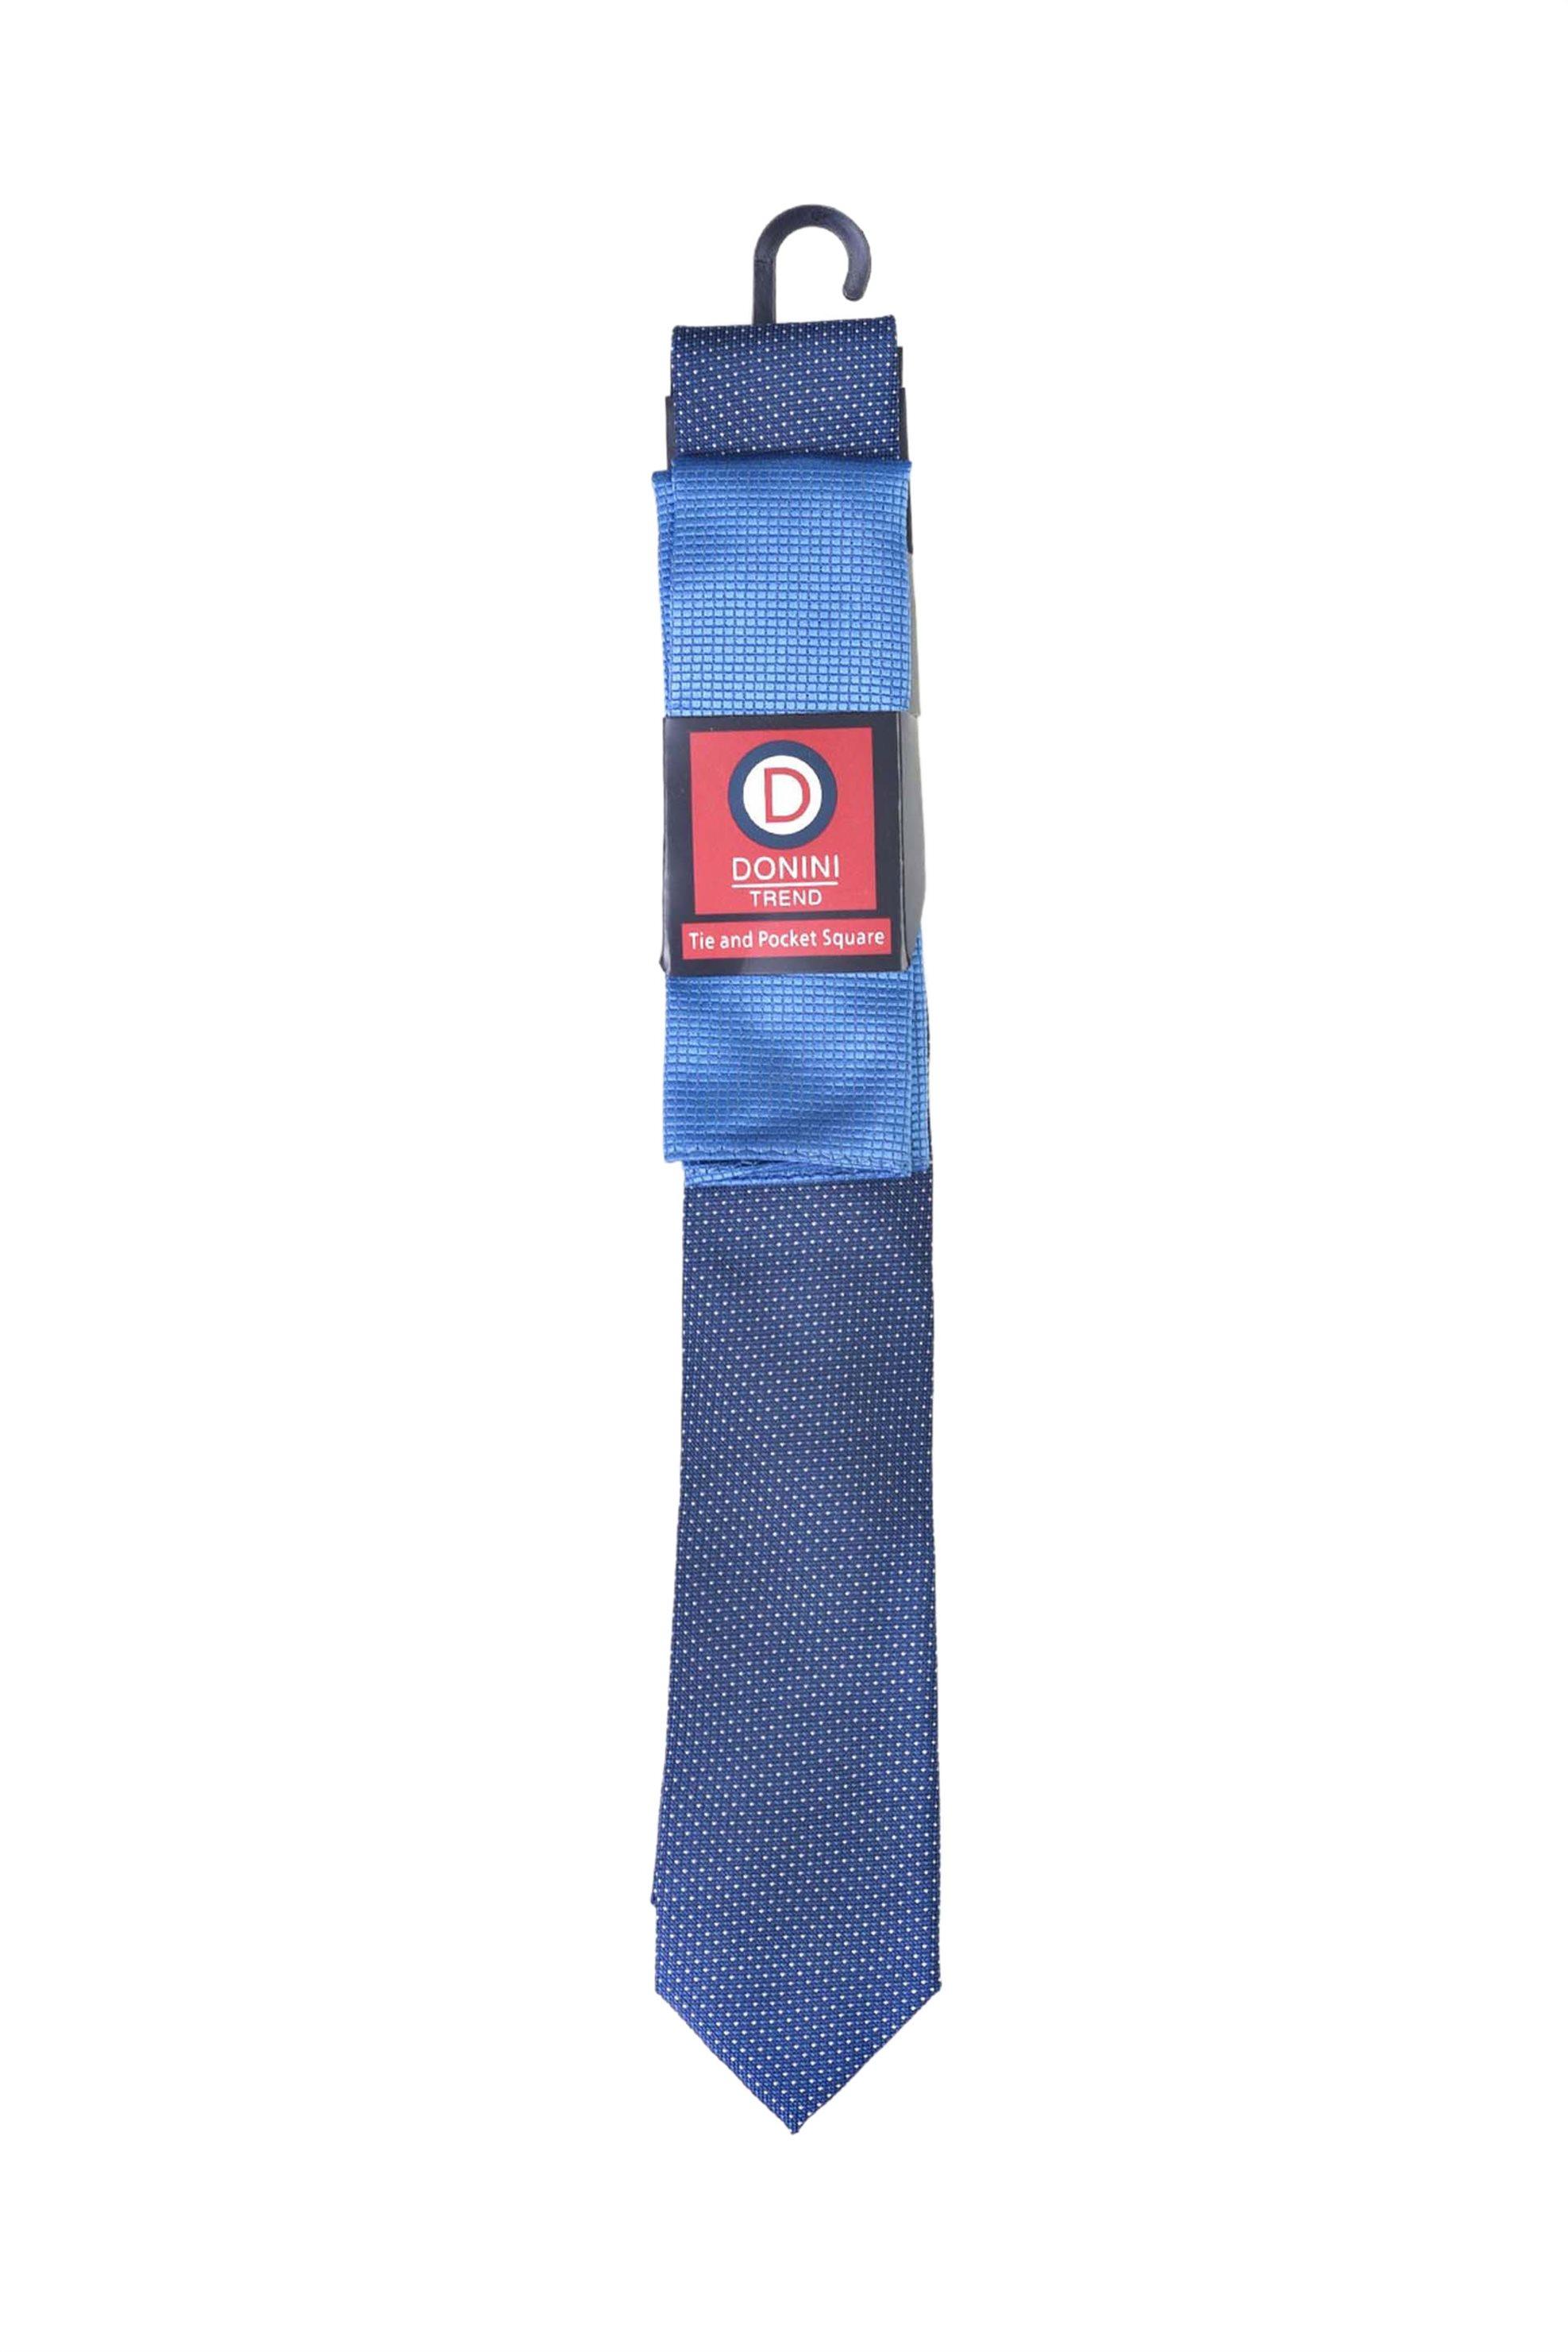 Vardas ανδρικό σετ γραβάτα και μαντηλάκι - 2062000430201 - Μπλε Ανοιχτό